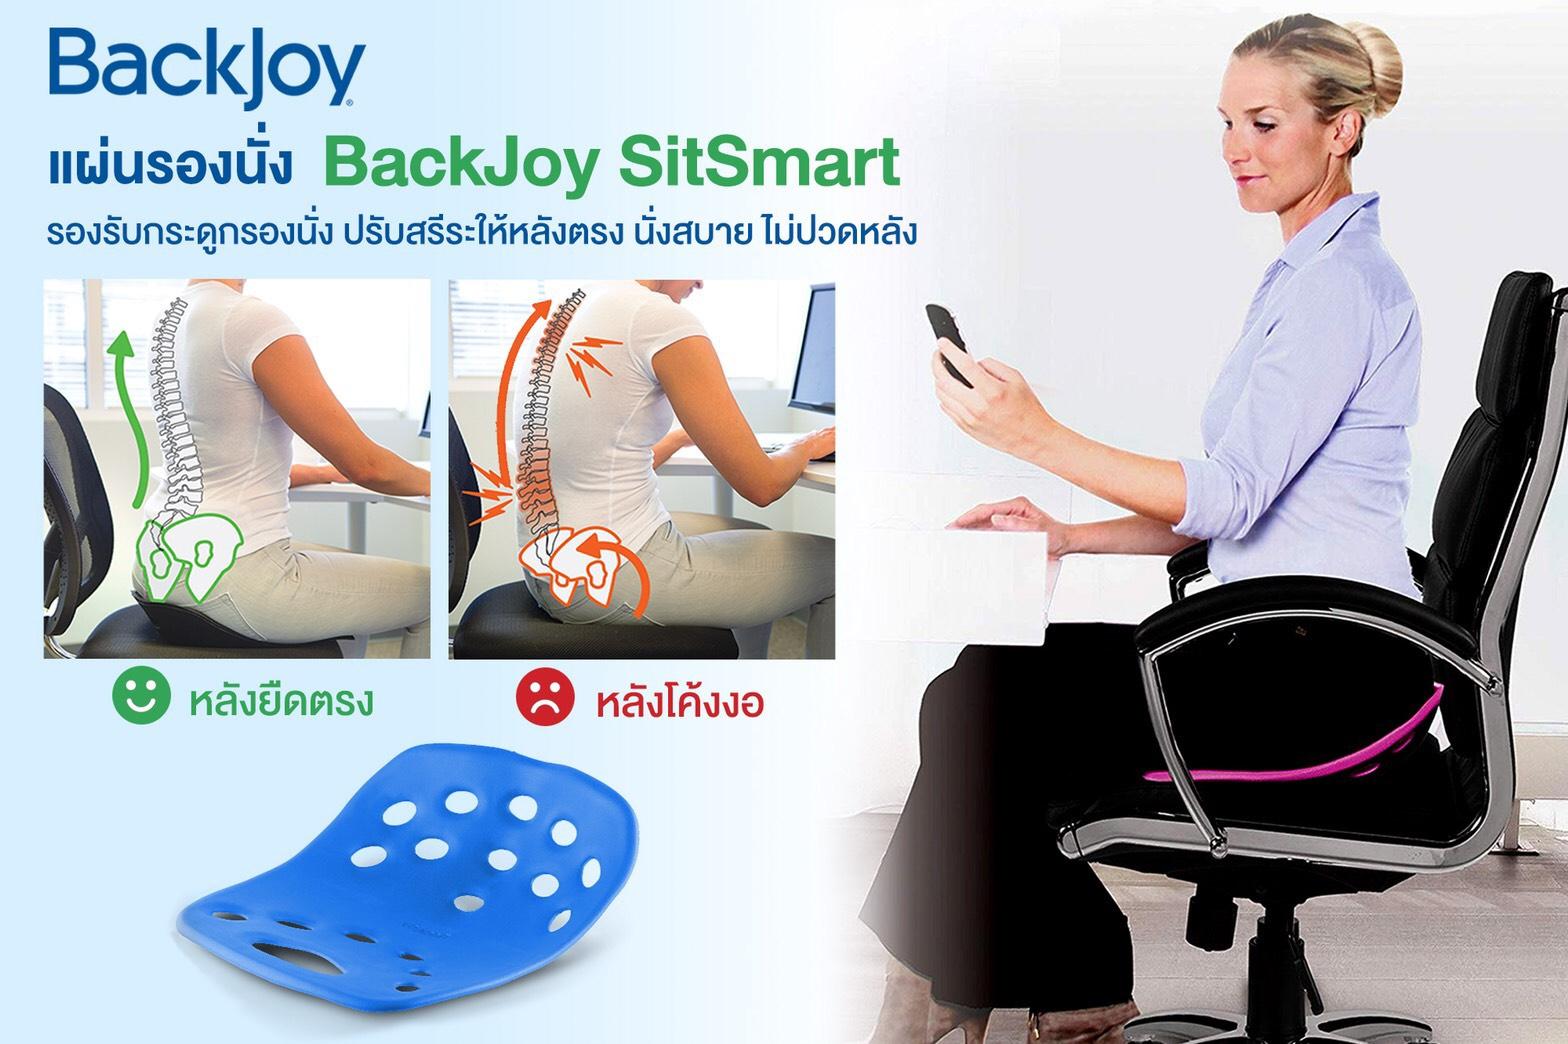 backjoy_sitsmart.jpg